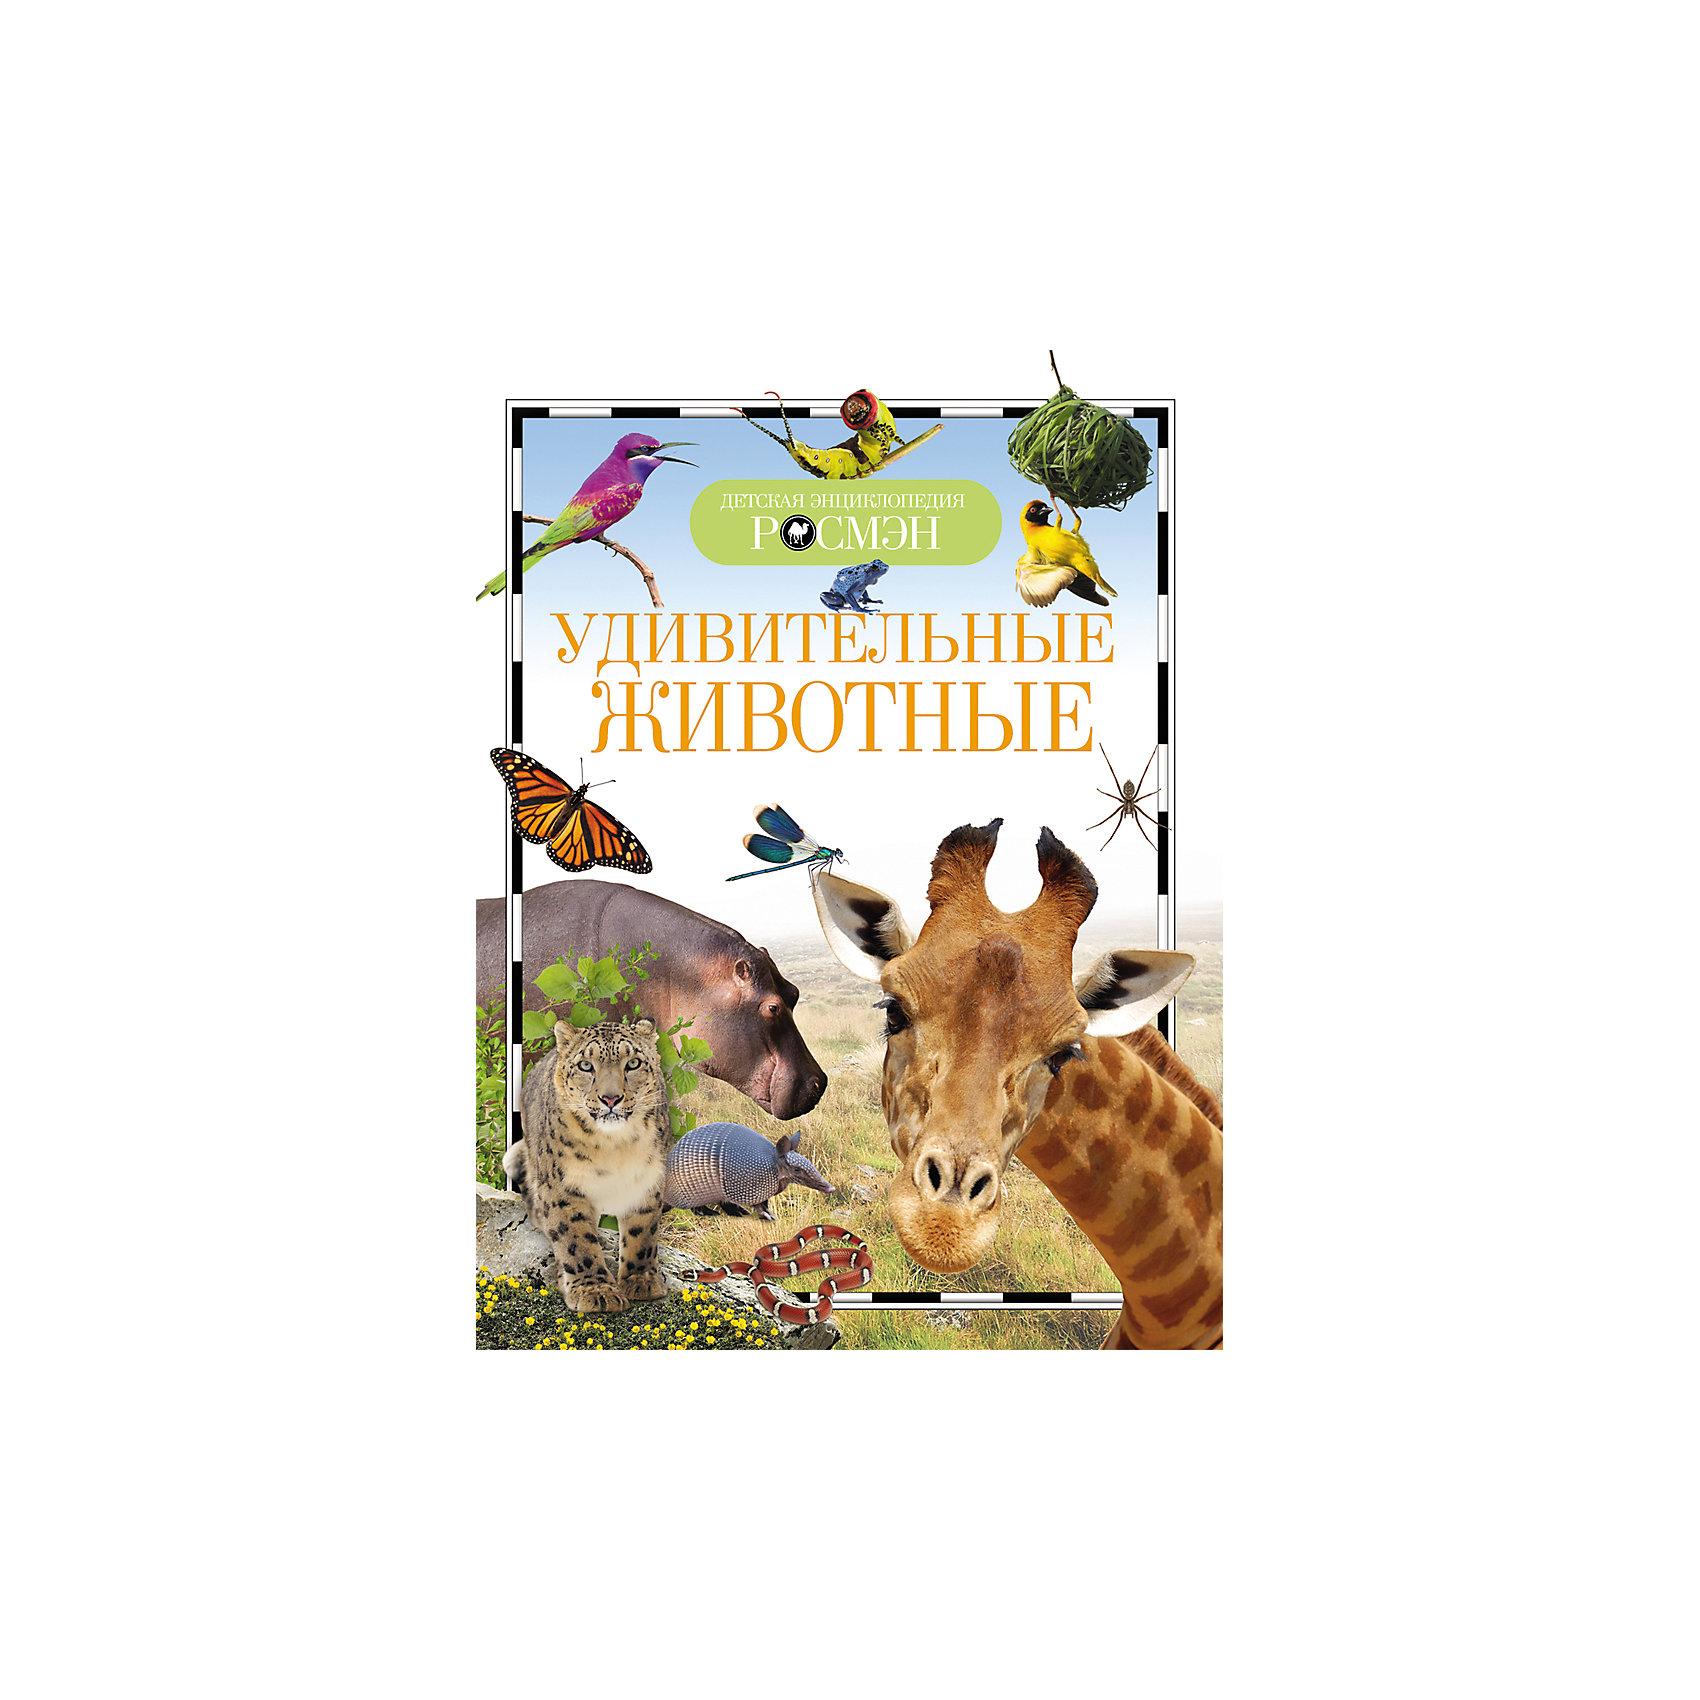 Удивительные животныеЭнциклопедии о животных<br>Удивительные животные - эта красочная книга серии «Детская энциклопедия» содержит много полезных сведений и интересных фактов.<br>Книга рассказывает о самых разных видах животных, обитающих на Земле. Юные читатели узнают любопытные факты из жизни млекопитающих, птиц, насекомых, рептилий, амфибий, морских обитателей планеты, изложенные увлекательным языком. Крошечные и огромные, хищные и травоядные, опасные и безобидные, дикие и домашние - животные такие разные, но именно поэтому они и интересны нам.<br><br>Дополнительная информация:<br><br>- Автор: Травина И.<br>- Издательство: Росмэн<br>- Тип обложки: твердая глянцевая<br>- Иллюстрации: цветные<br>- Количество страниц: 96<br>- Размер: 222 х 165 x 8 мм.<br>- Вес: 230 гр.<br><br>Книгу Удивительные животные можно купить в нашем интернет-магазине.<br><br>Ширина мм: 222<br>Глубина мм: 165<br>Высота мм: 8<br>Вес г: 230<br>Возраст от месяцев: 84<br>Возраст до месяцев: 108<br>Пол: Унисекс<br>Возраст: Детский<br>SKU: 4602297